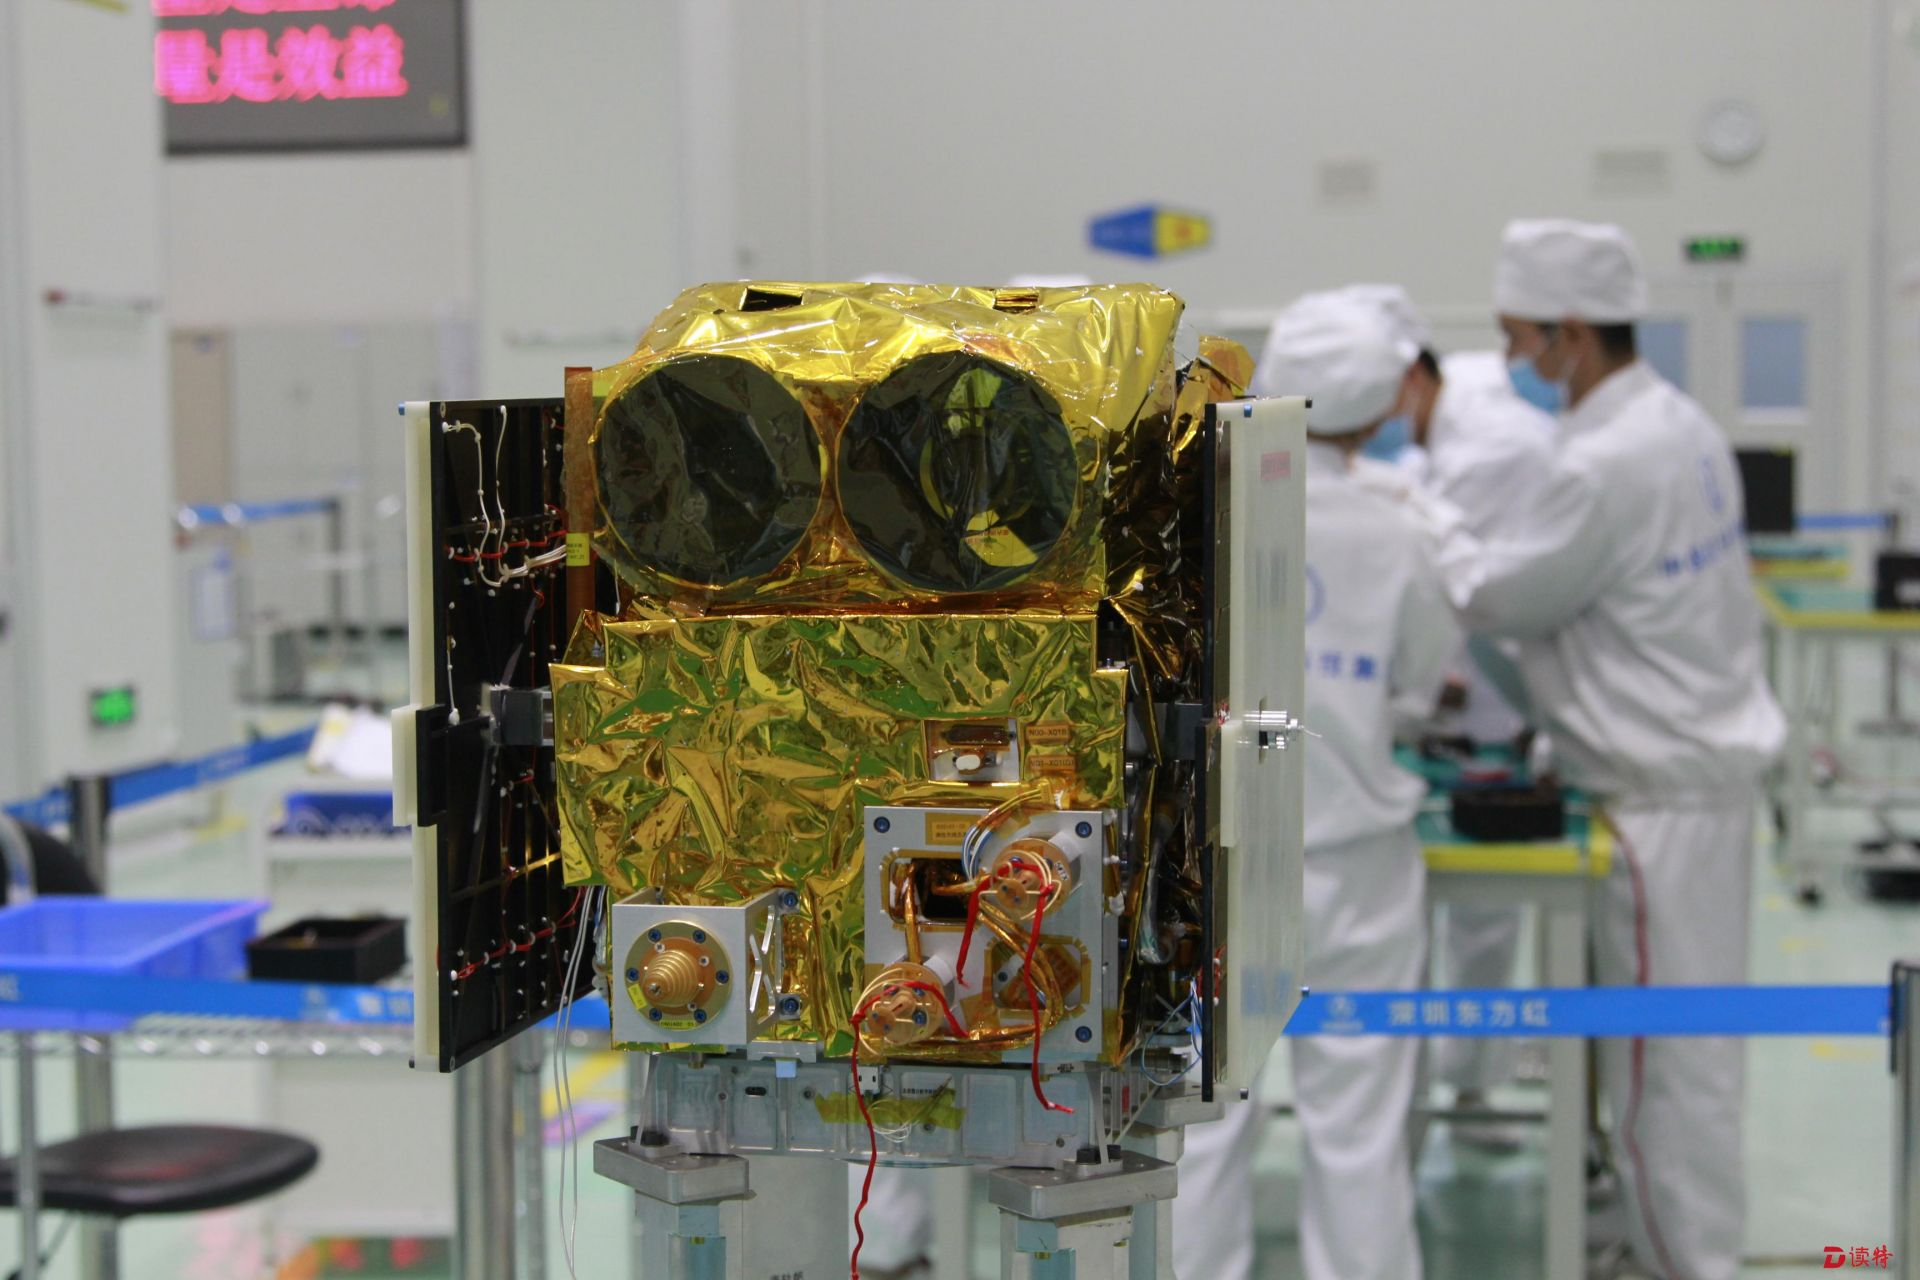 深圳制造中国首颗极地遥感专用卫星 预计今年9月发射升空